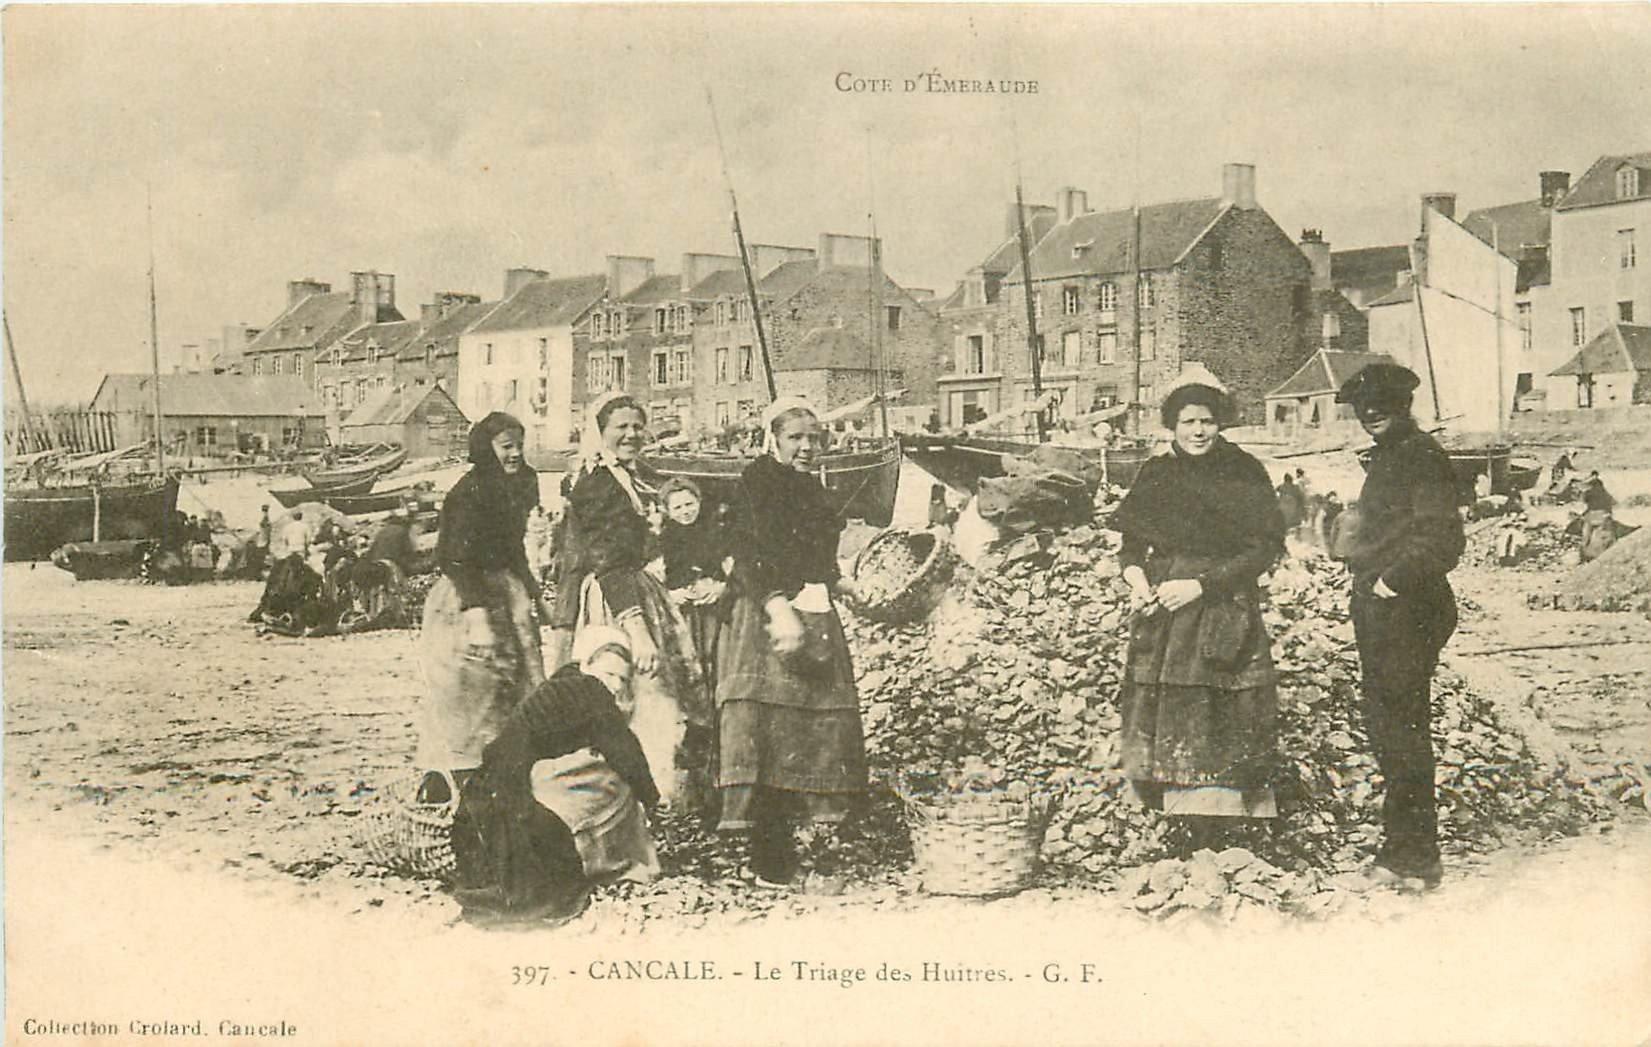 35 CANCALE. Le Triage des Huîtres vers 1900